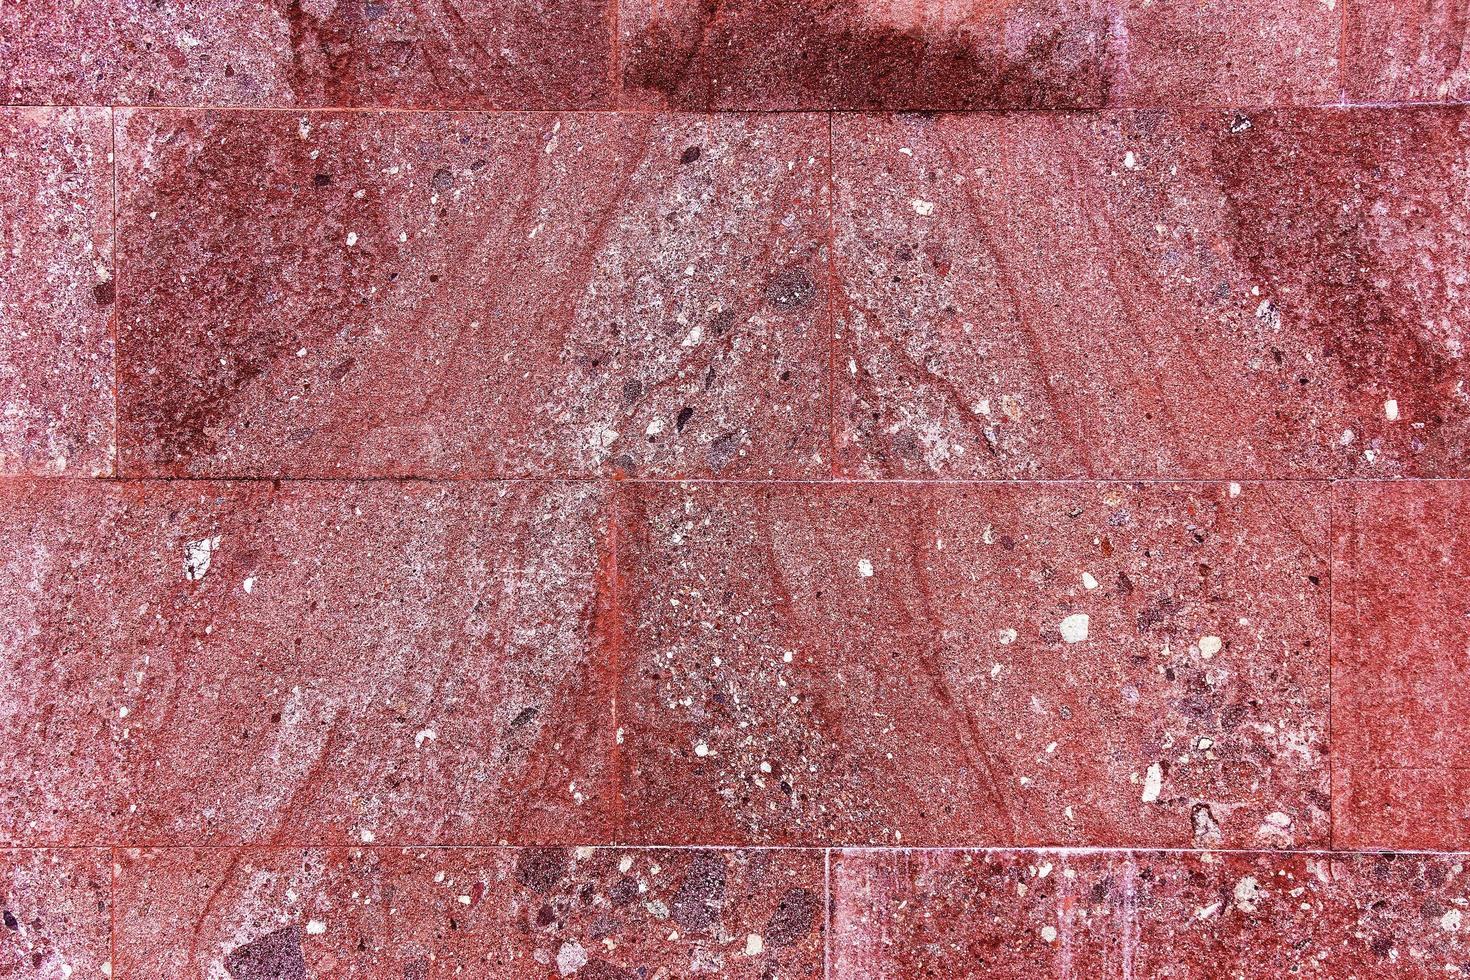 fond de marbre texturé rouge, carreaux de mur décoratifs photo